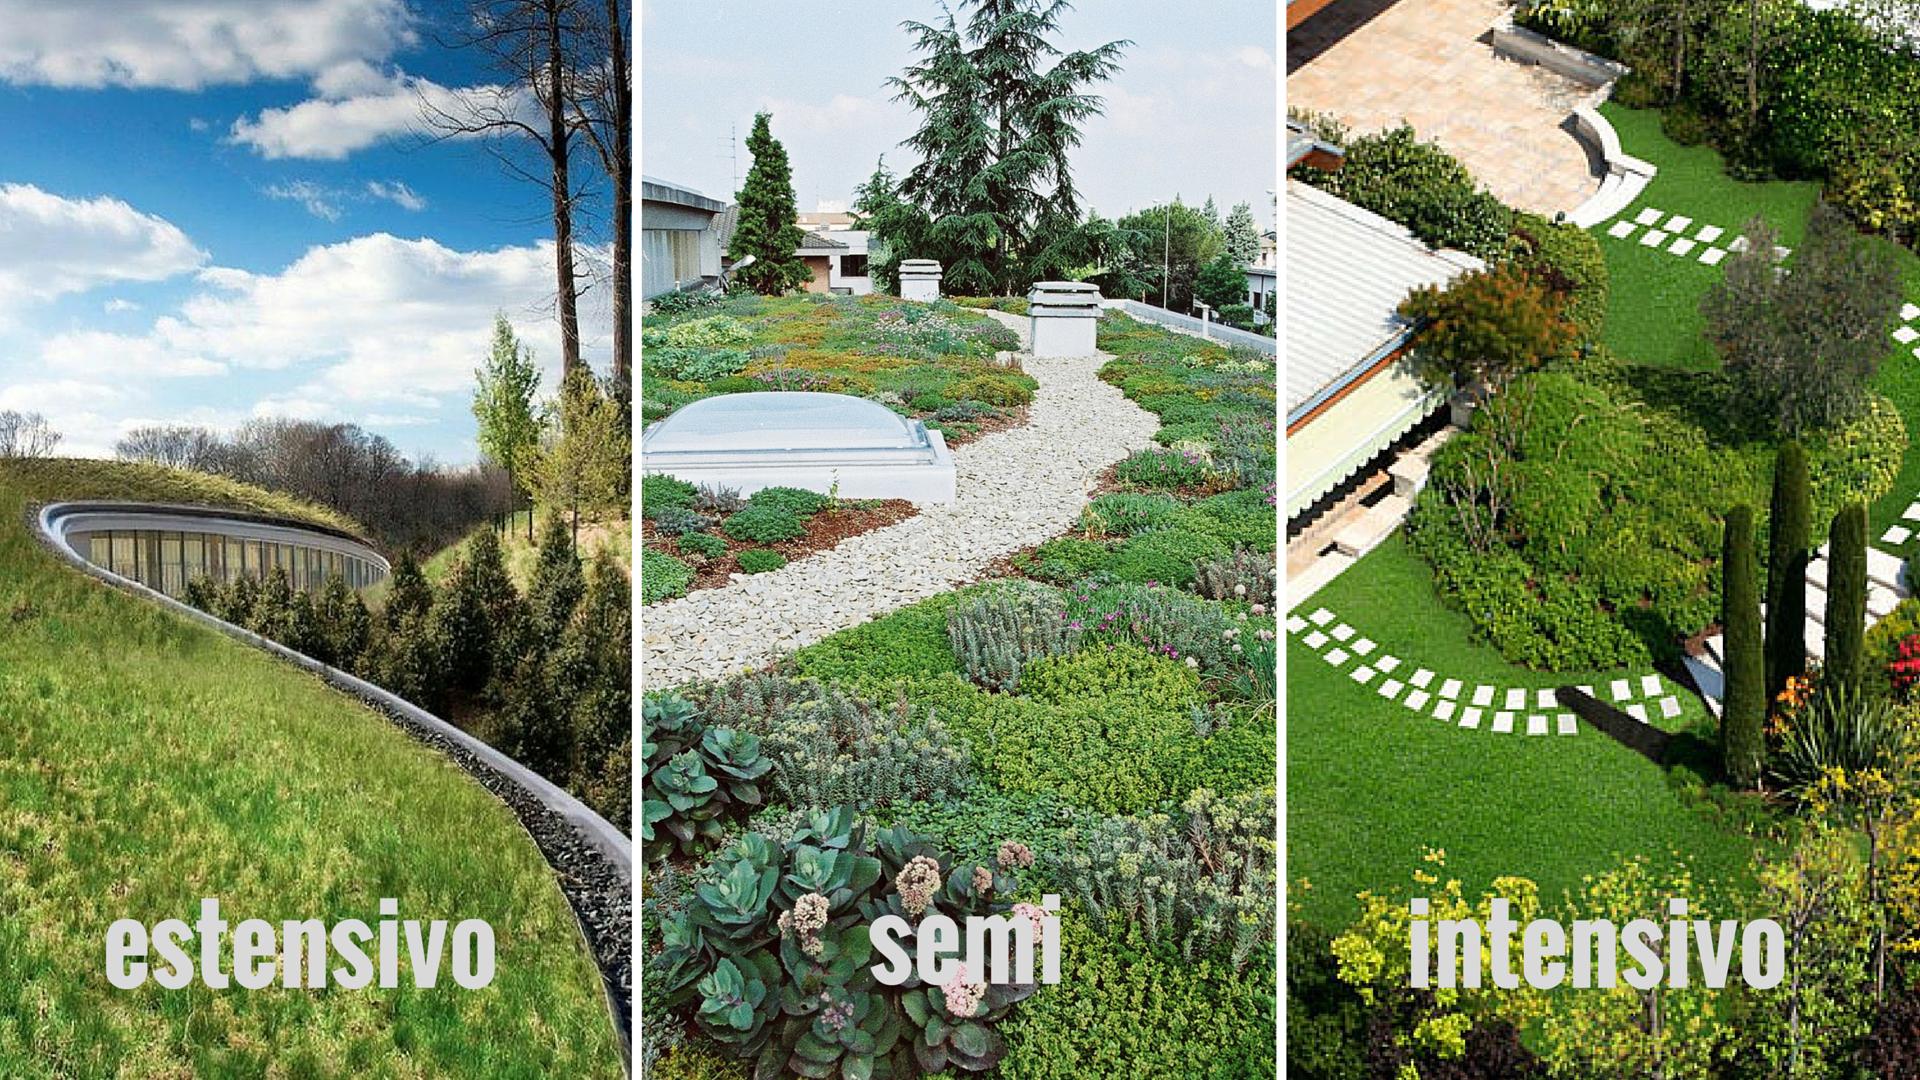 Il tetto giardino: tipologie, funzioni e vantaggi